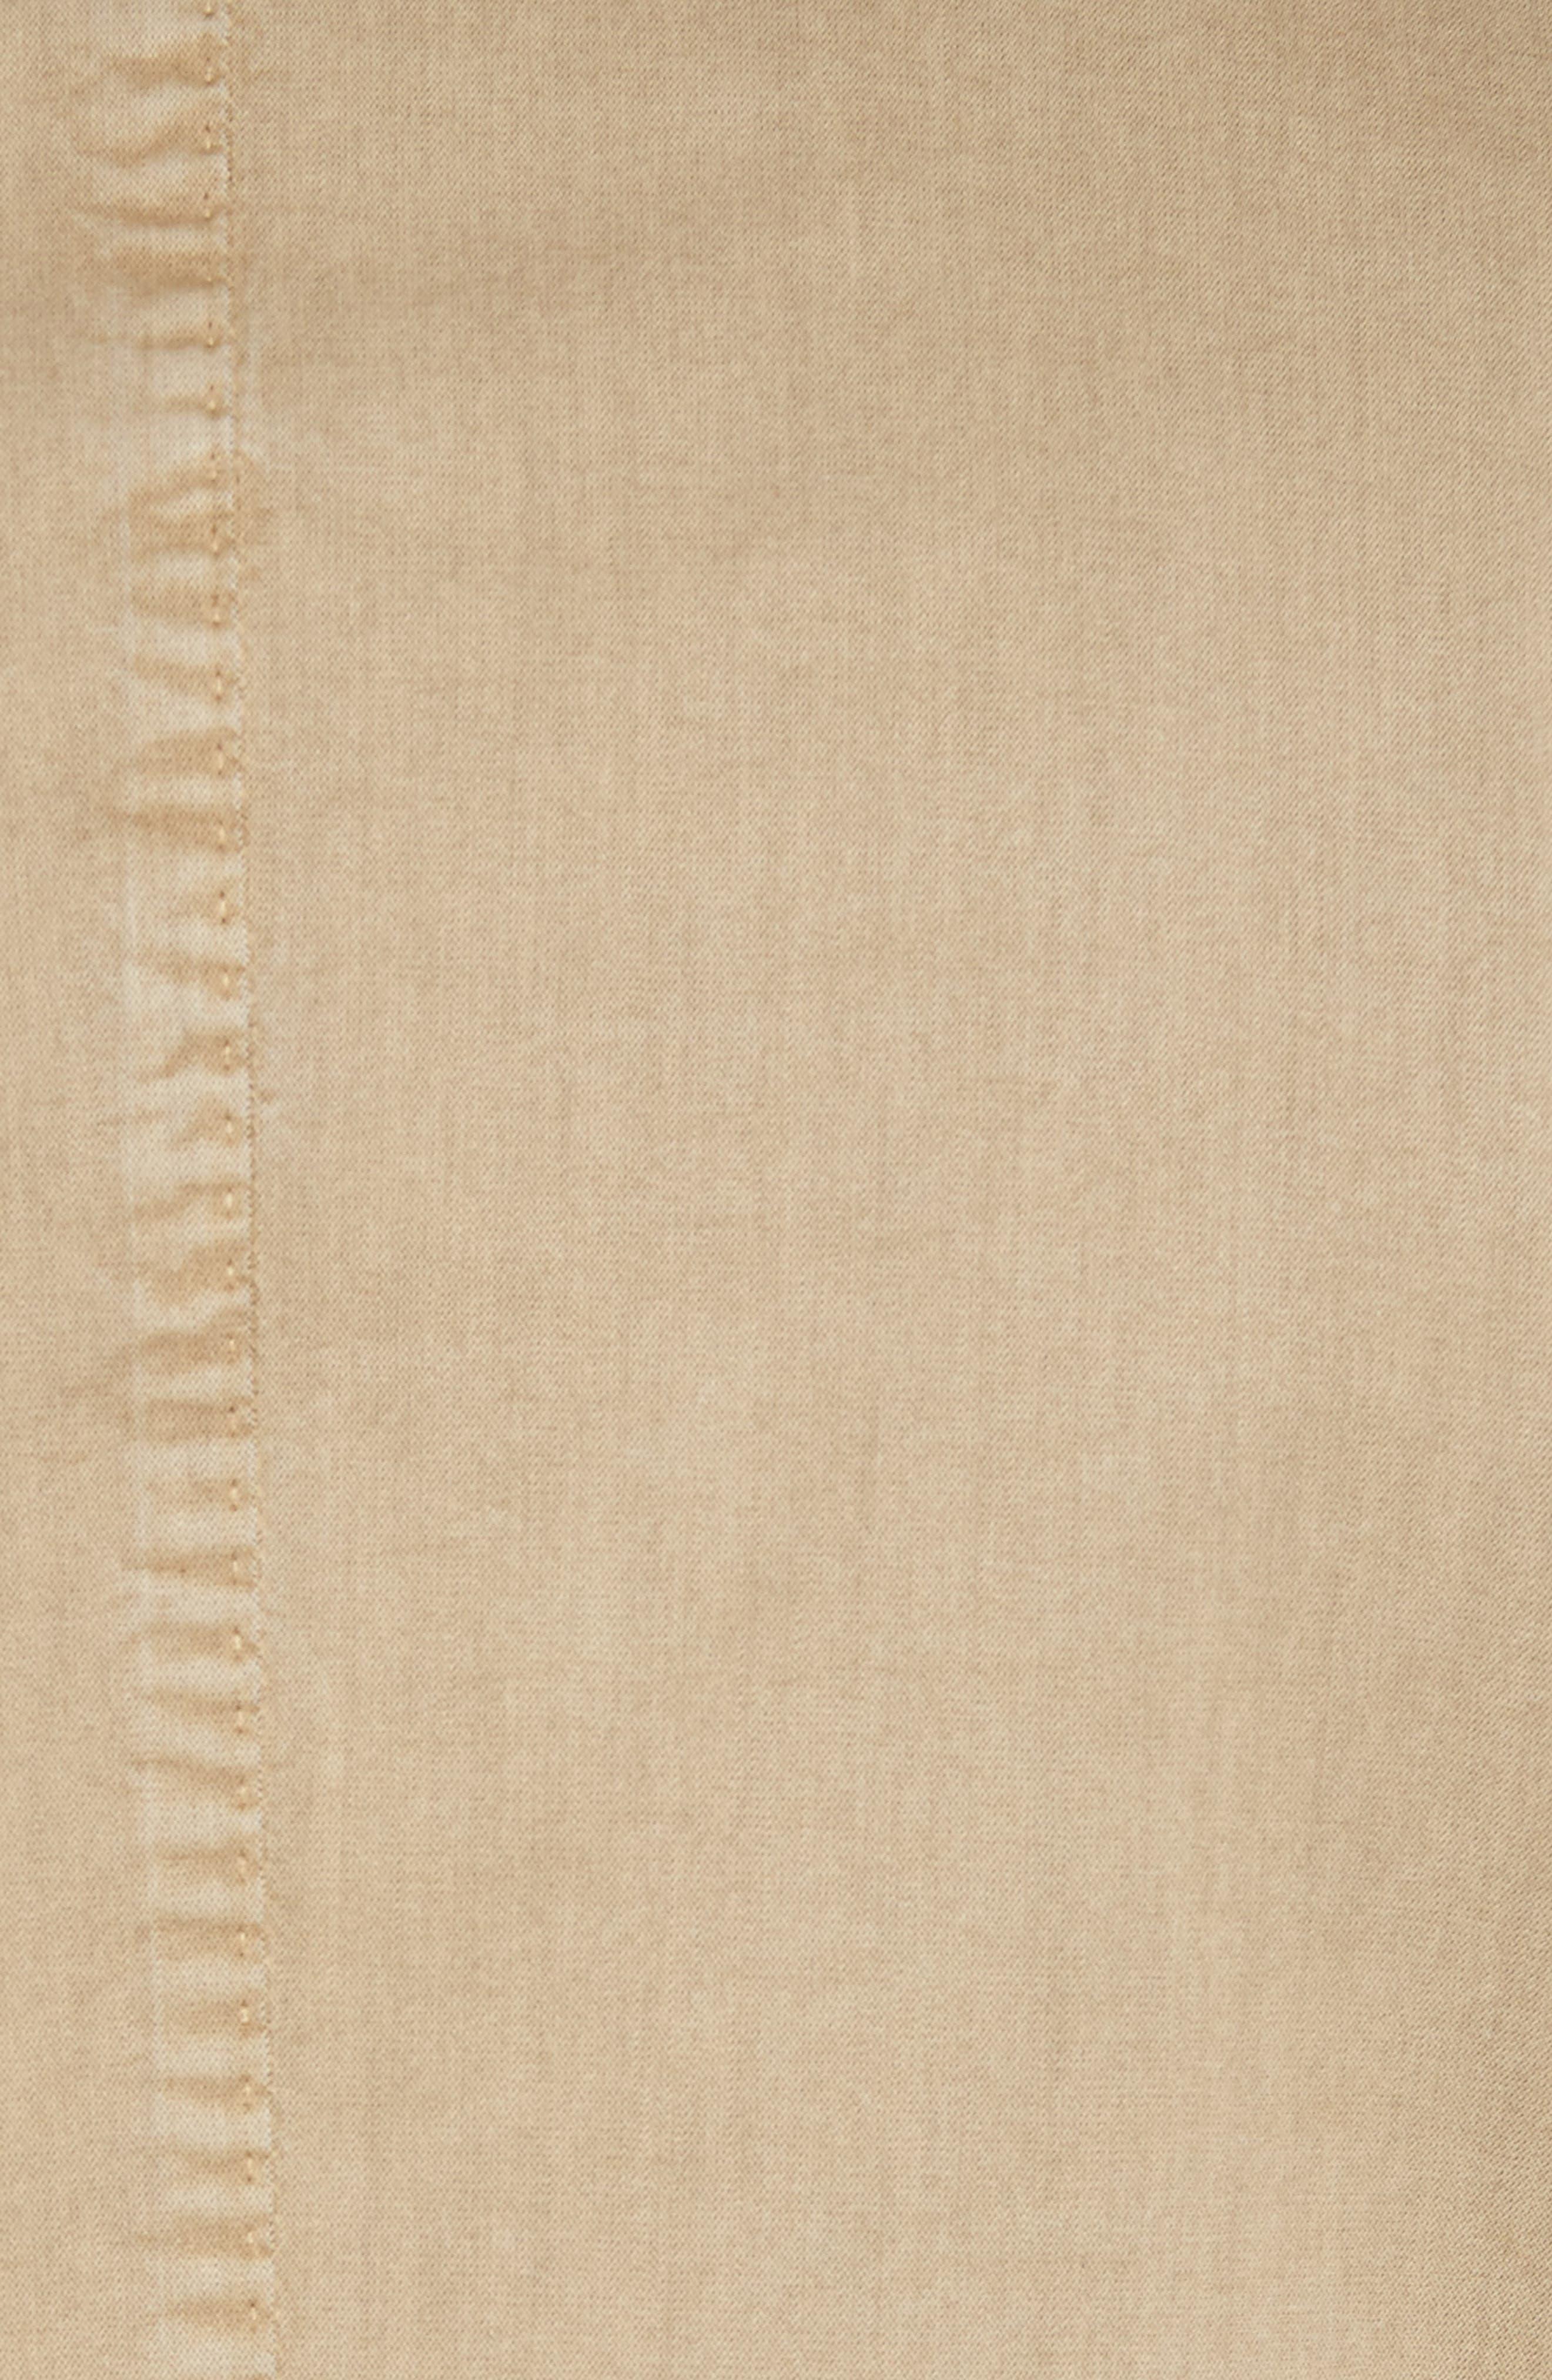 Classic Fit Cotton & Silk Blazer,                             Alternate thumbnail 5, color,                             Beige/ Khaki